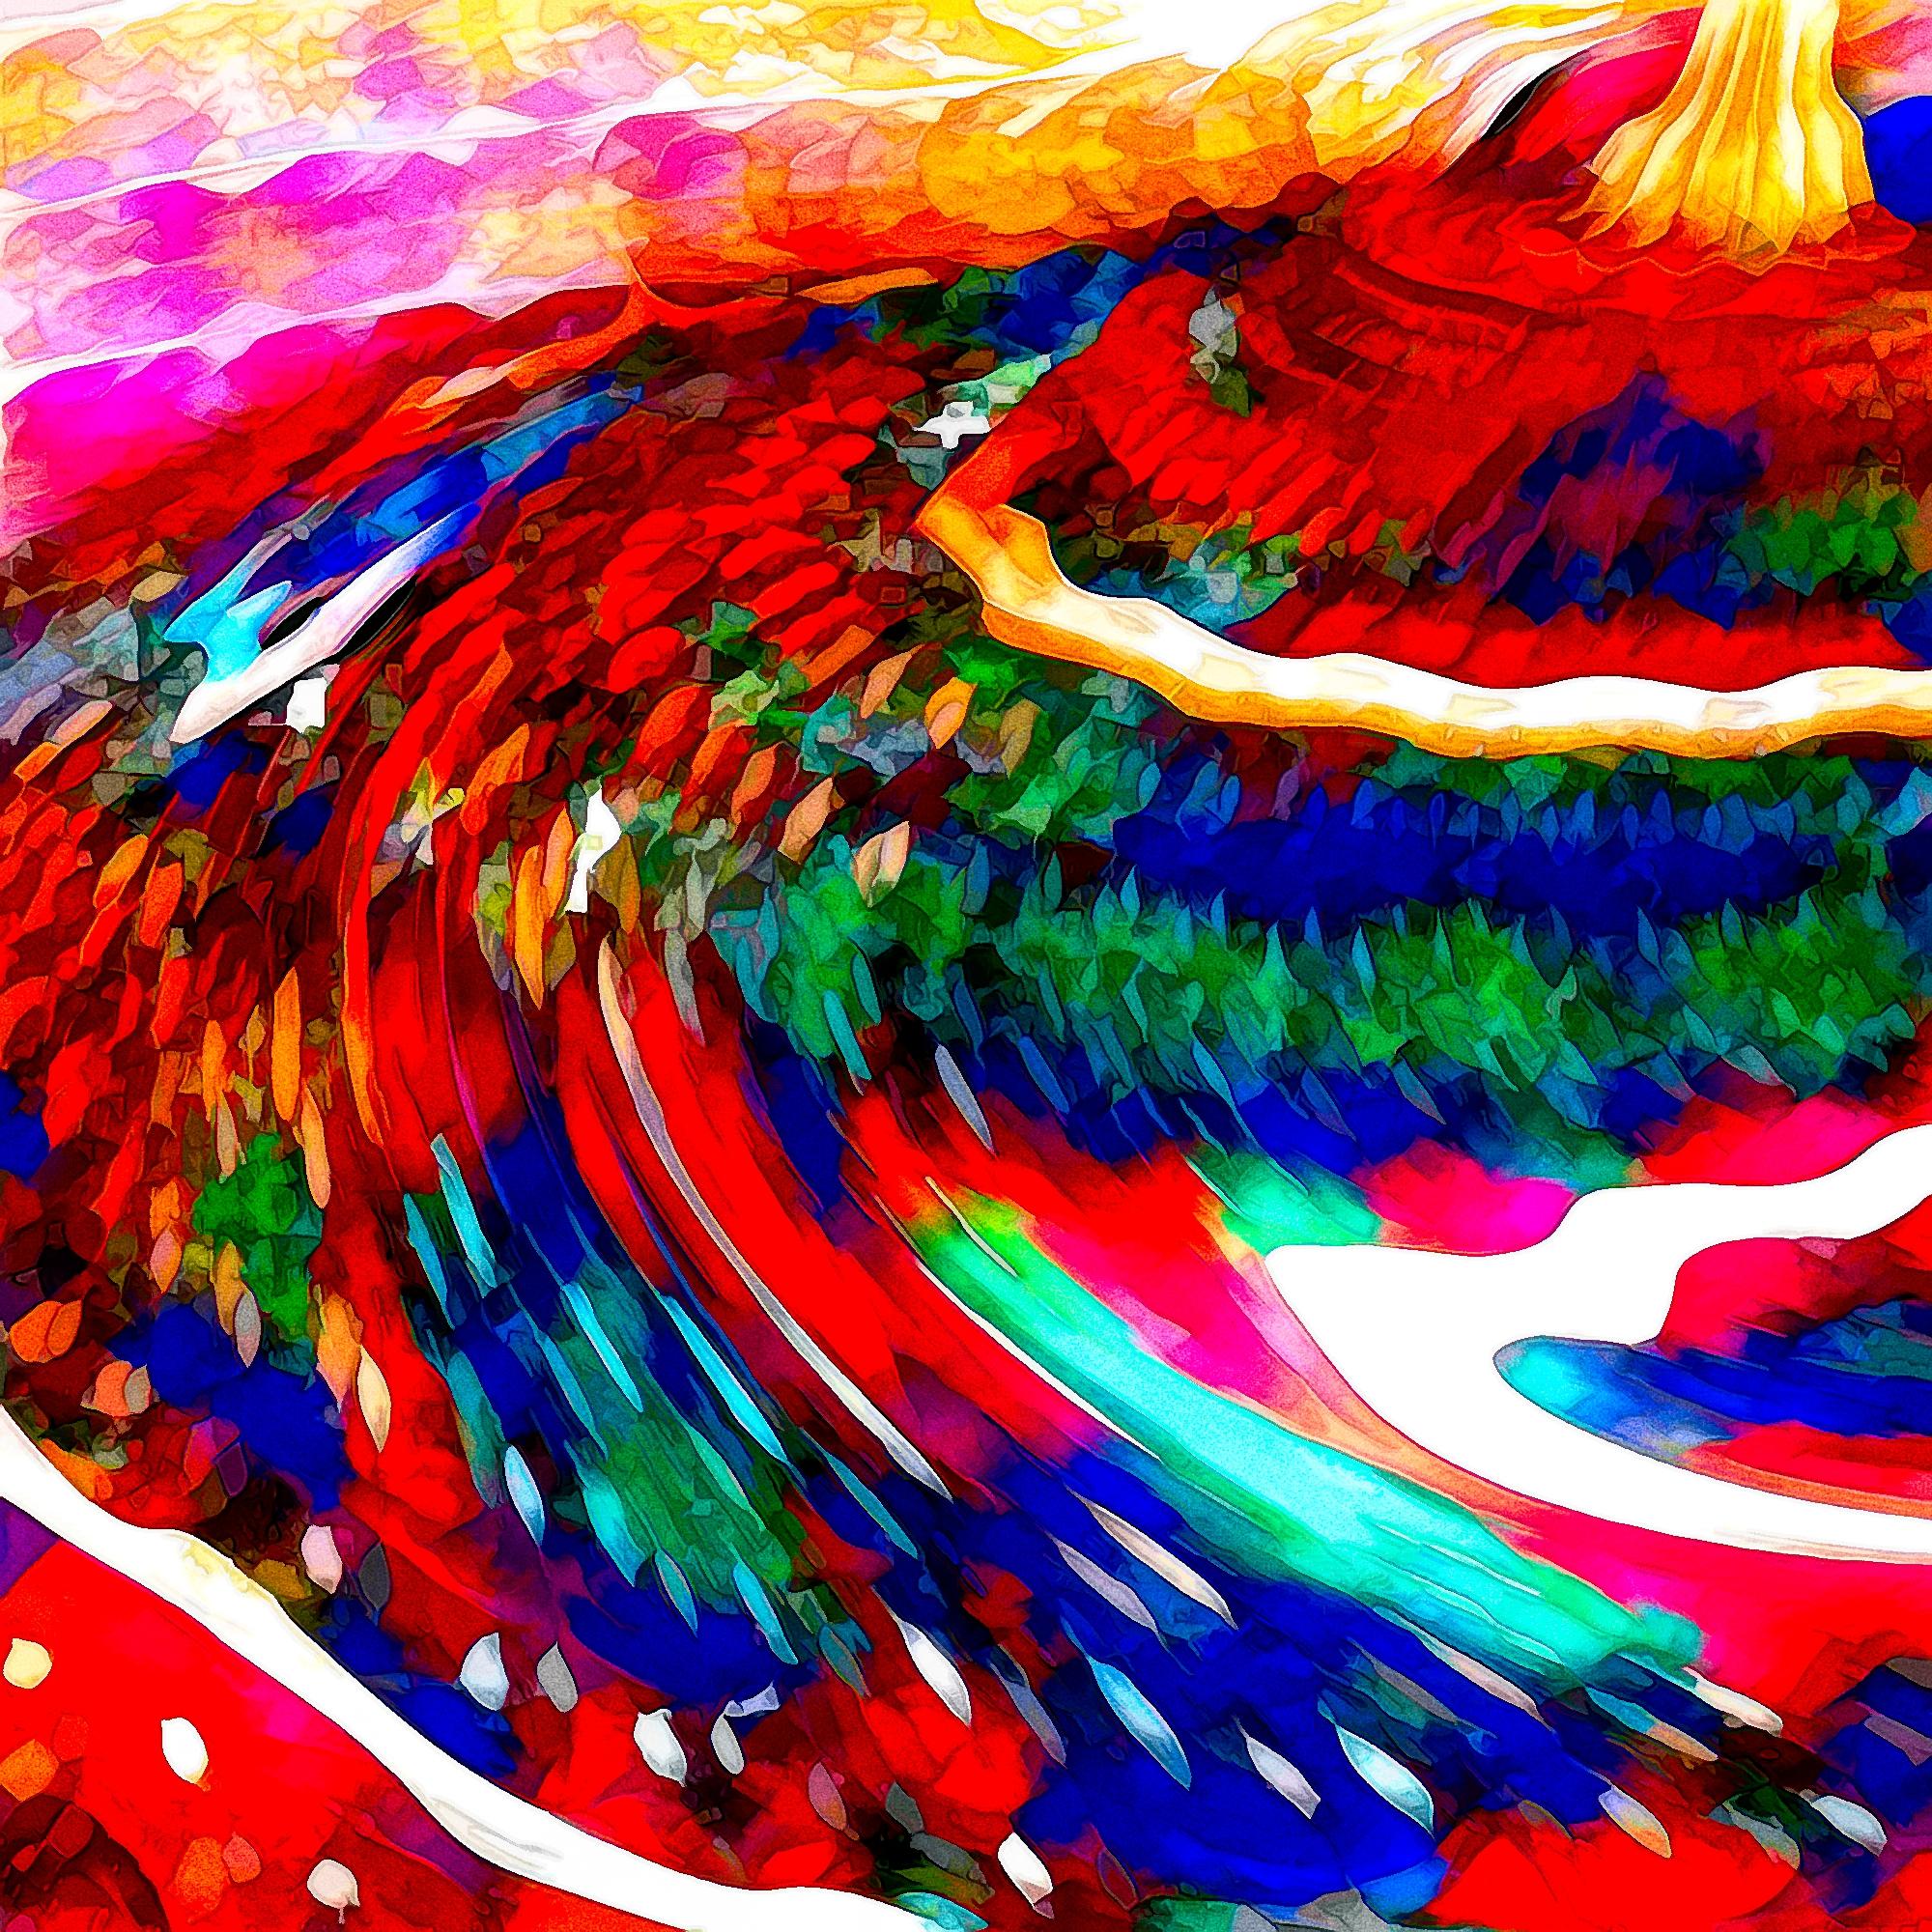 キラキラダイヤモンドクリスタルの世界:油彩